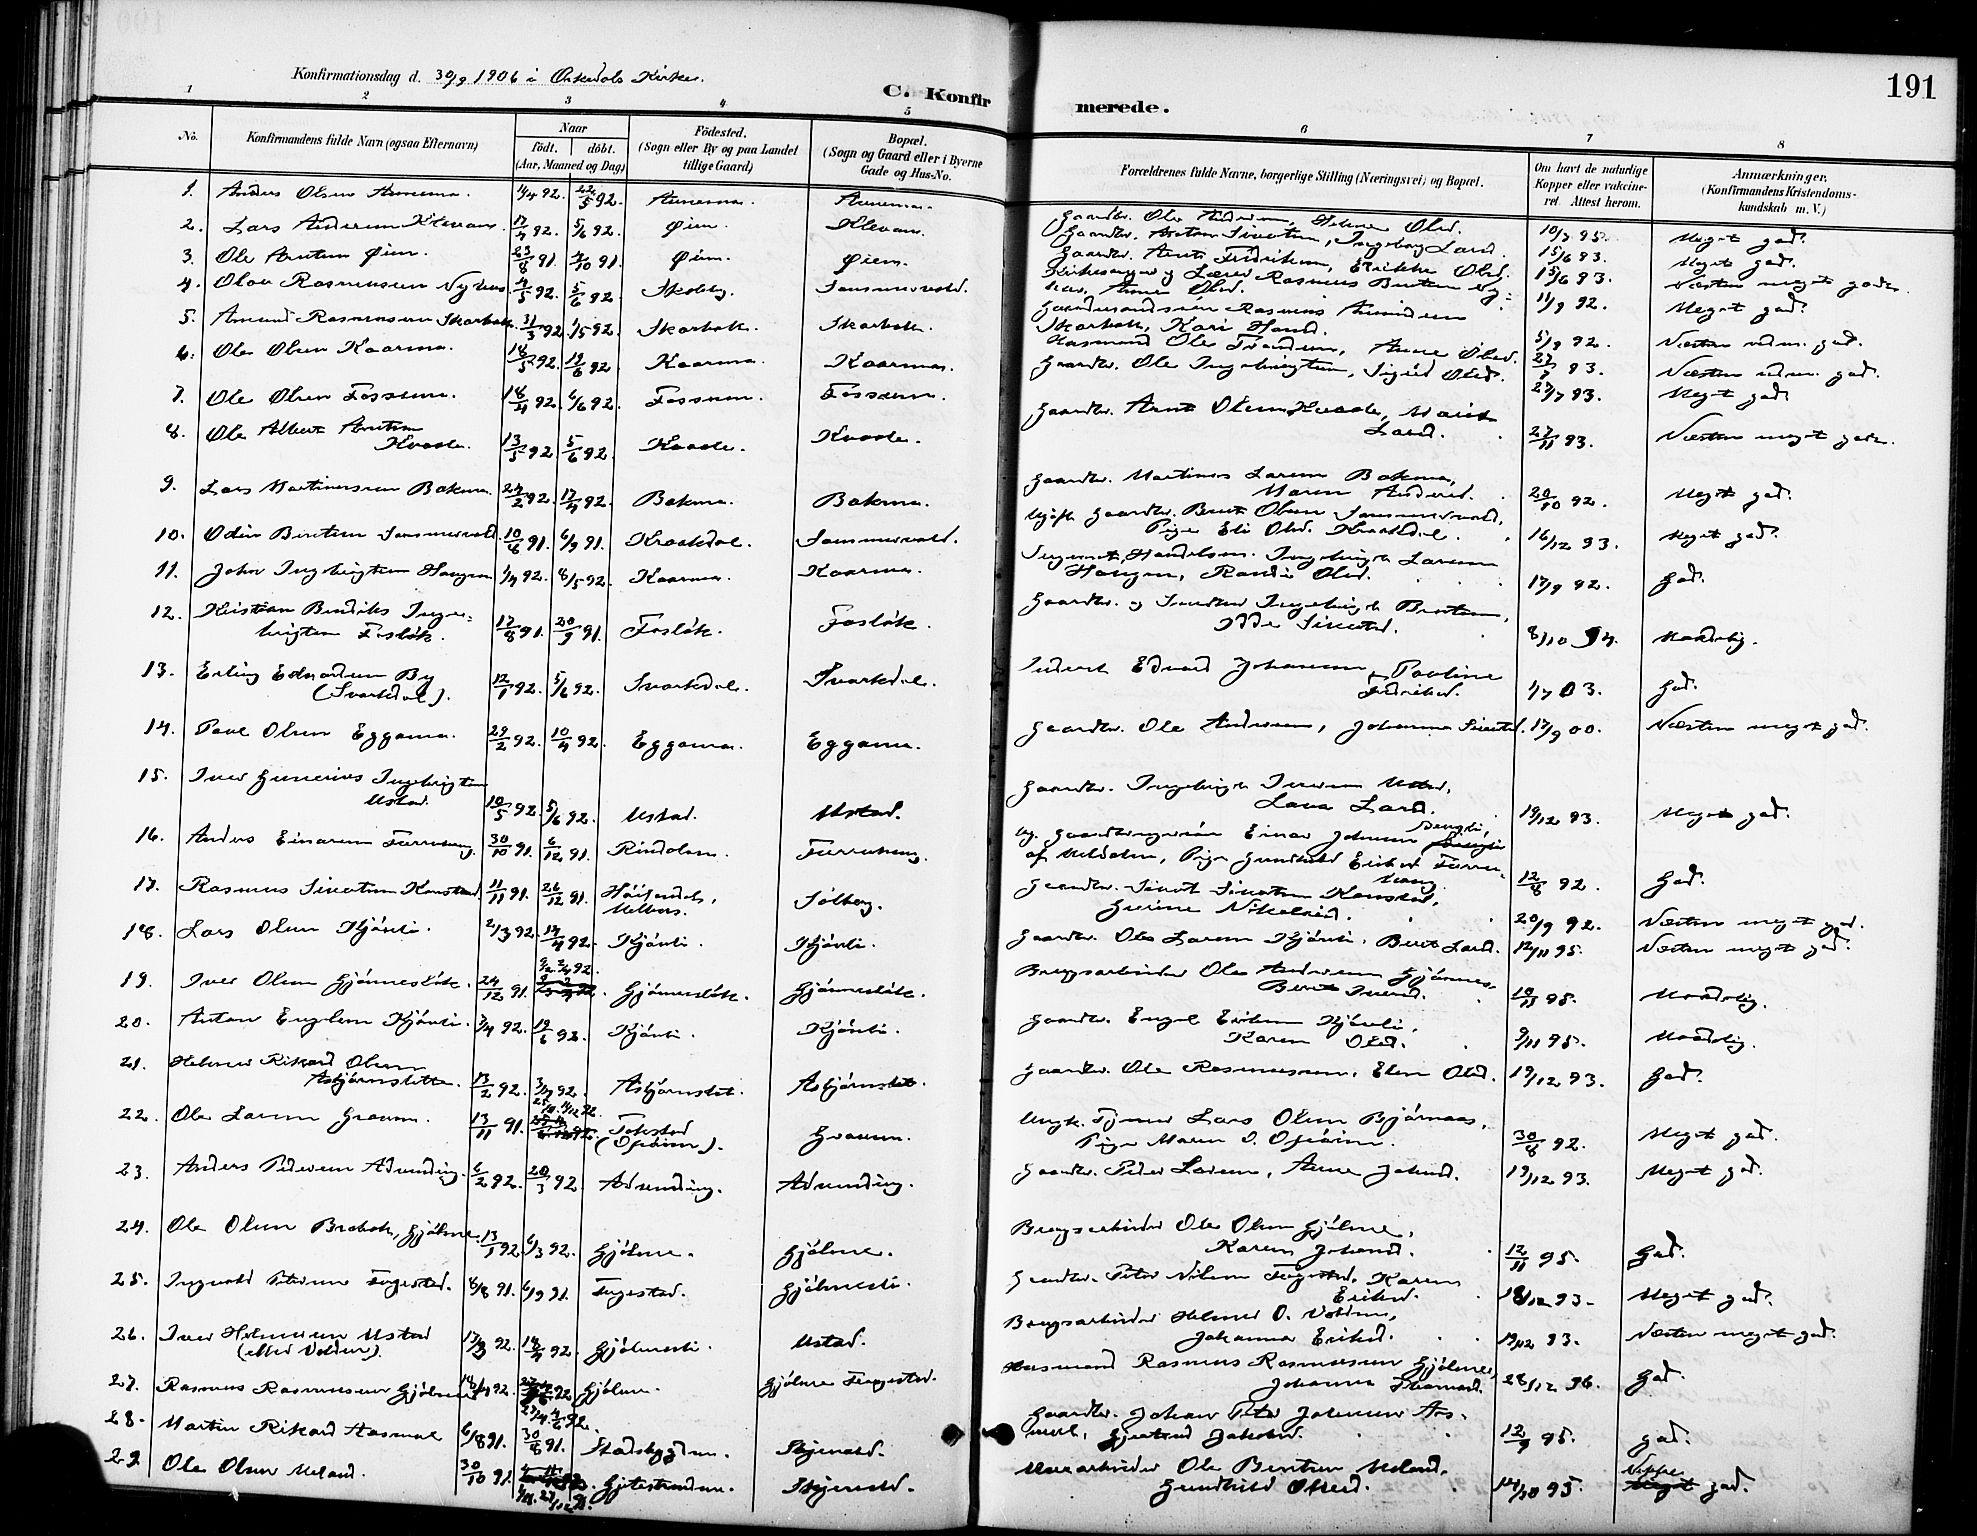 SAT, Ministerialprotokoller, klokkerbøker og fødselsregistre - Sør-Trøndelag, 668/L0819: Klokkerbok nr. 668C08, 1899-1912, s. 191